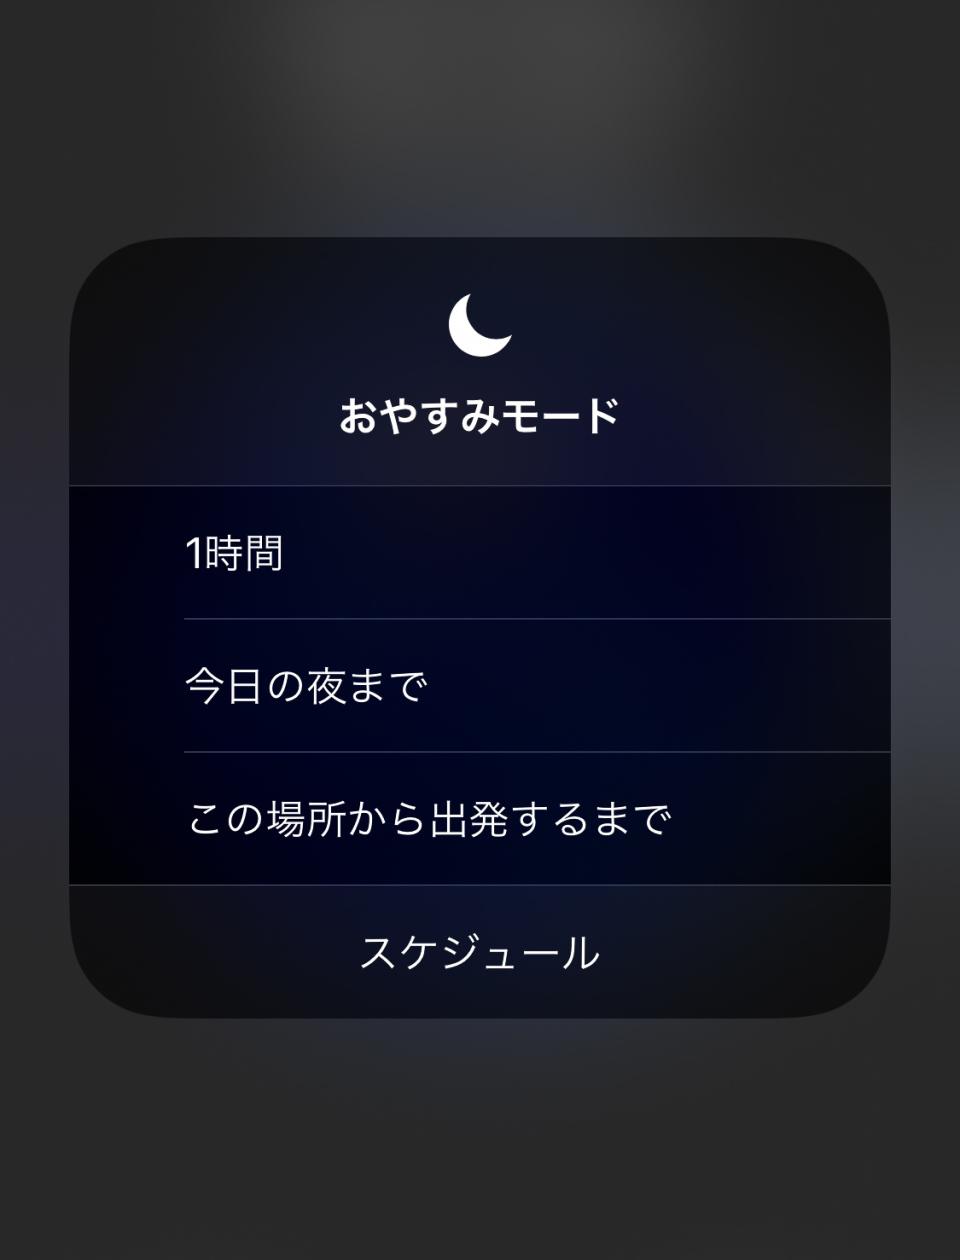 西田宗千佳のトレンドノート:スマホOSが取り組む「スマホ使い過ぎ」対策 6番目の画像